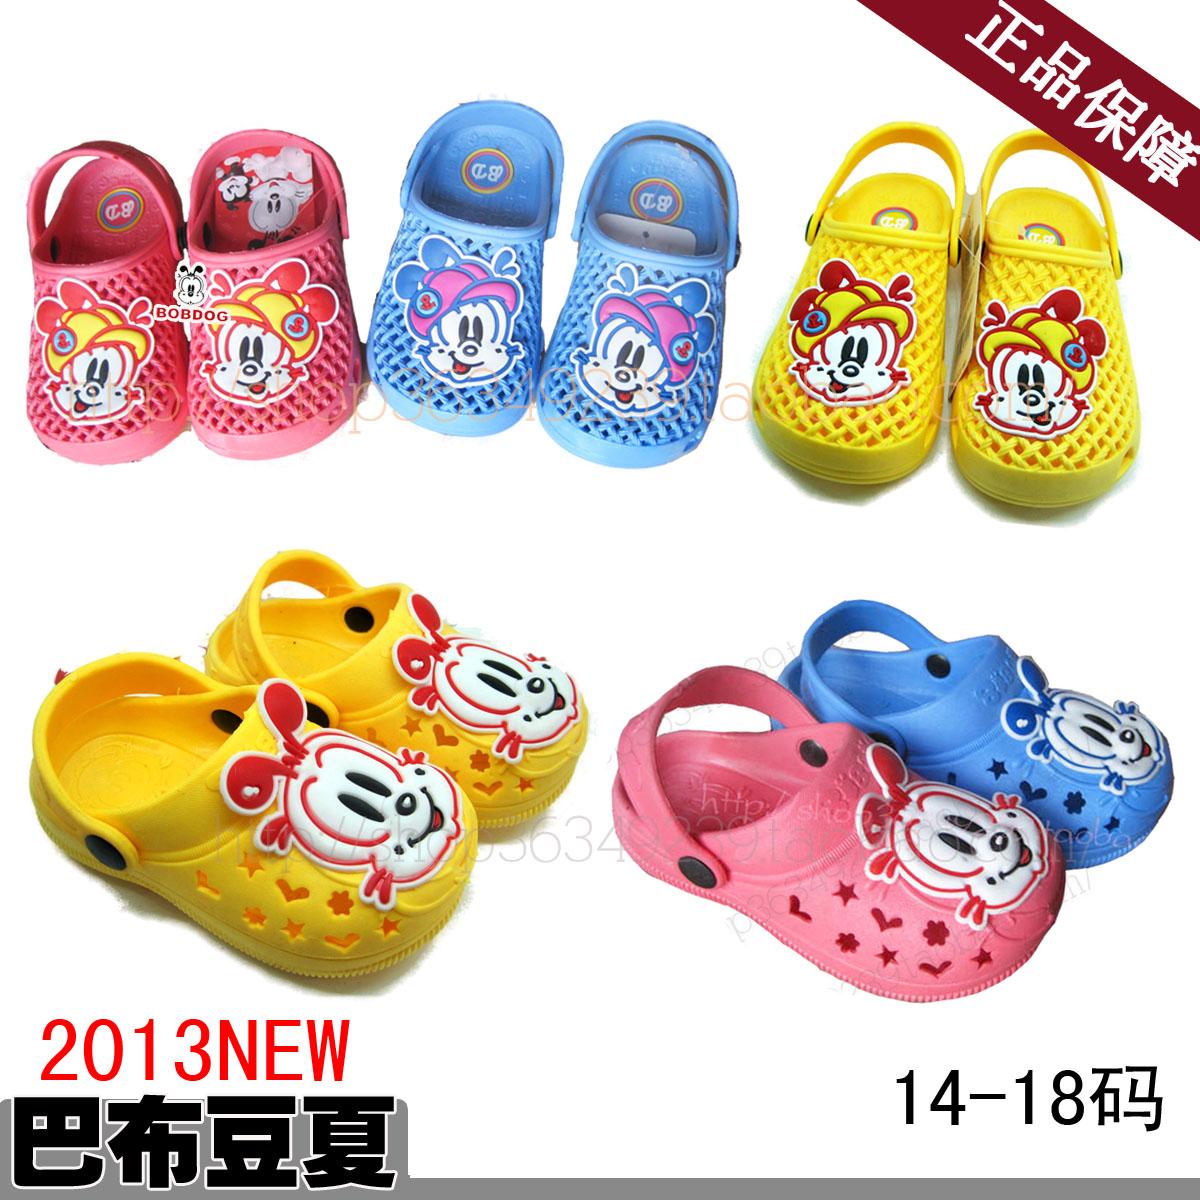 特价 正品巴布豆洞洞鞋儿童拖鞋男女童小孩夏季凉拖沙滩宝宝拖鞋